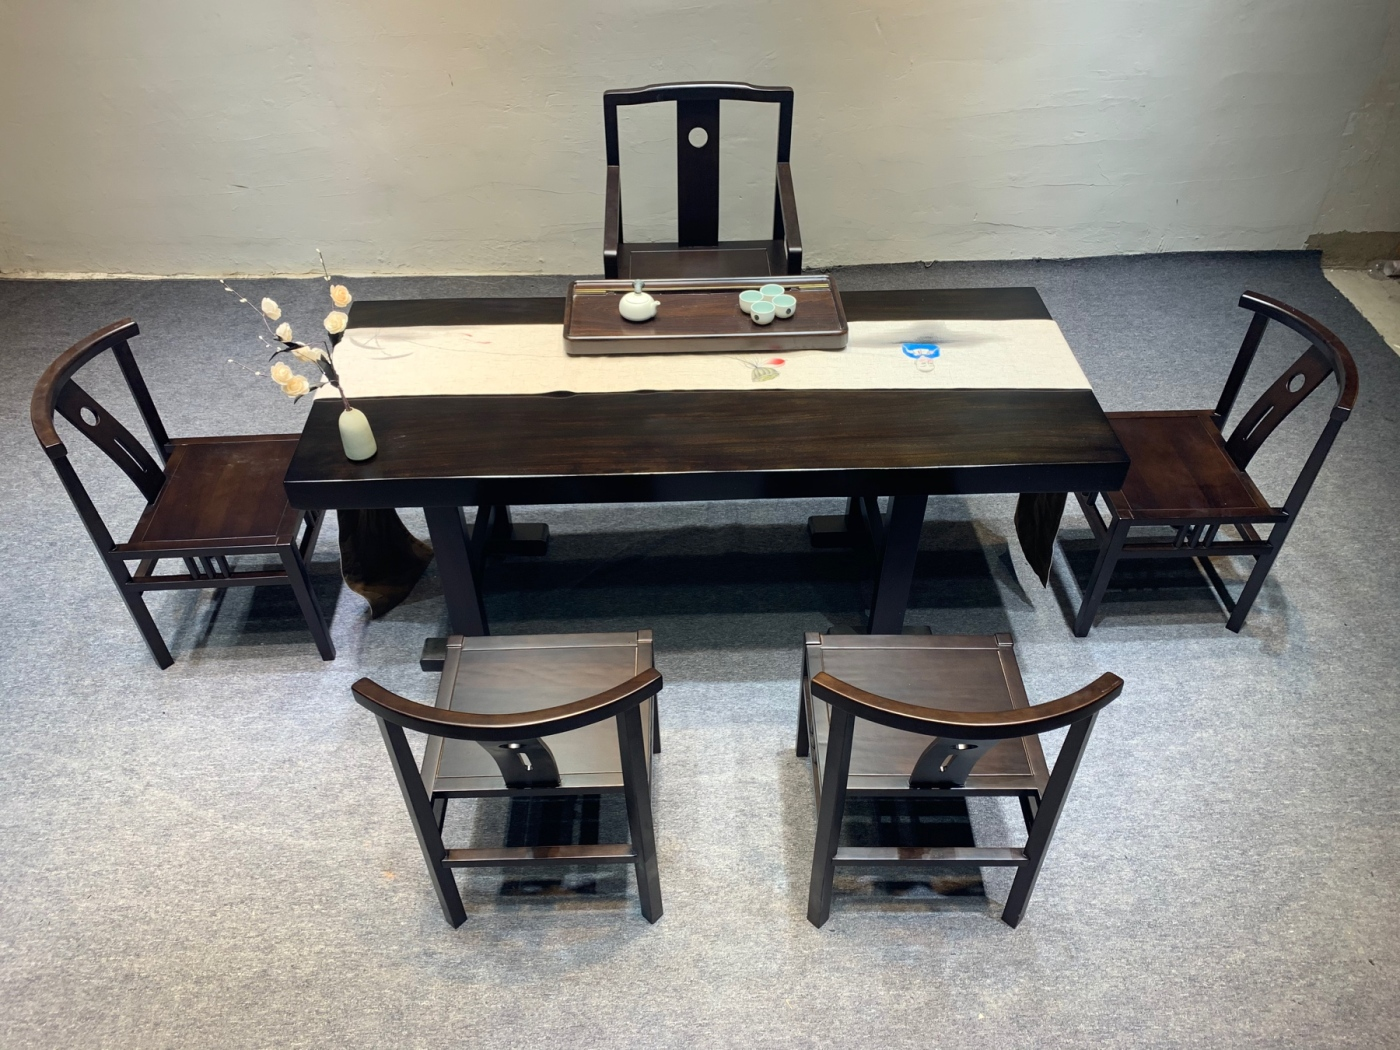 黑金檀奥坎茶桌原木实木茶台大板桌茶板新中式家具简约泡茶桌